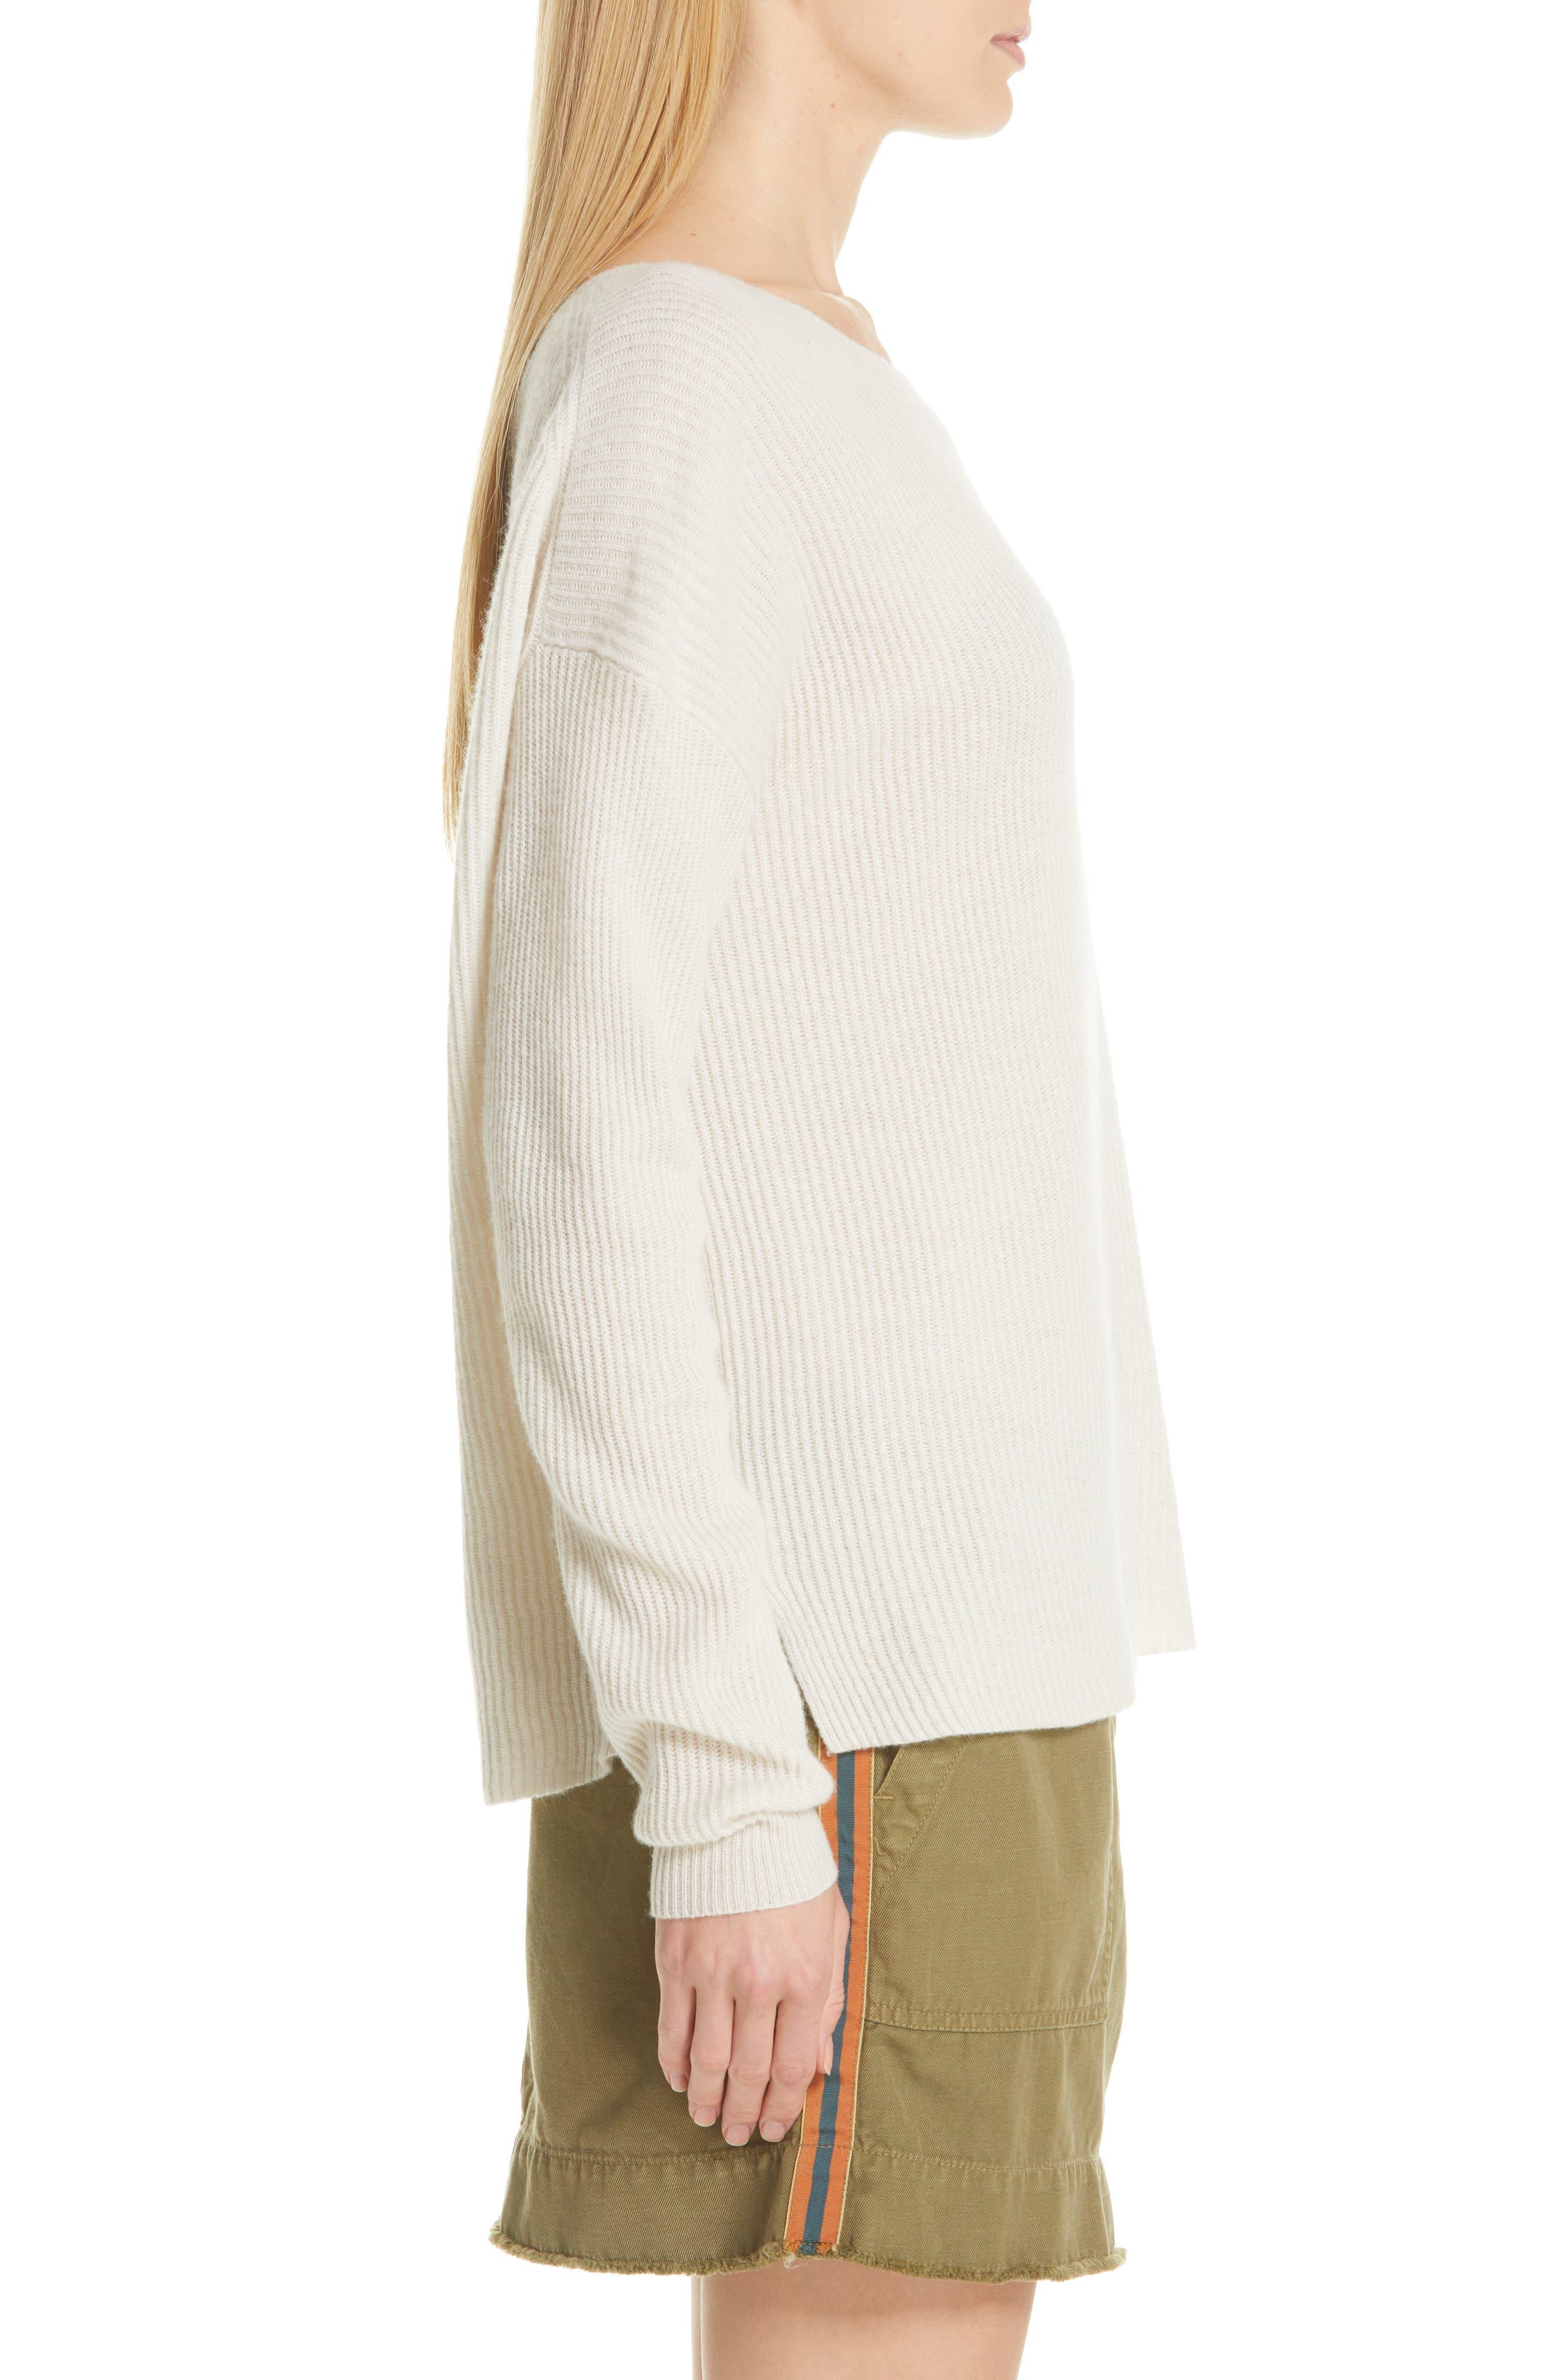 NILI LOTAN, Hadis Cashmere Sweater, Alternate thumbnail 3, color, IVORY